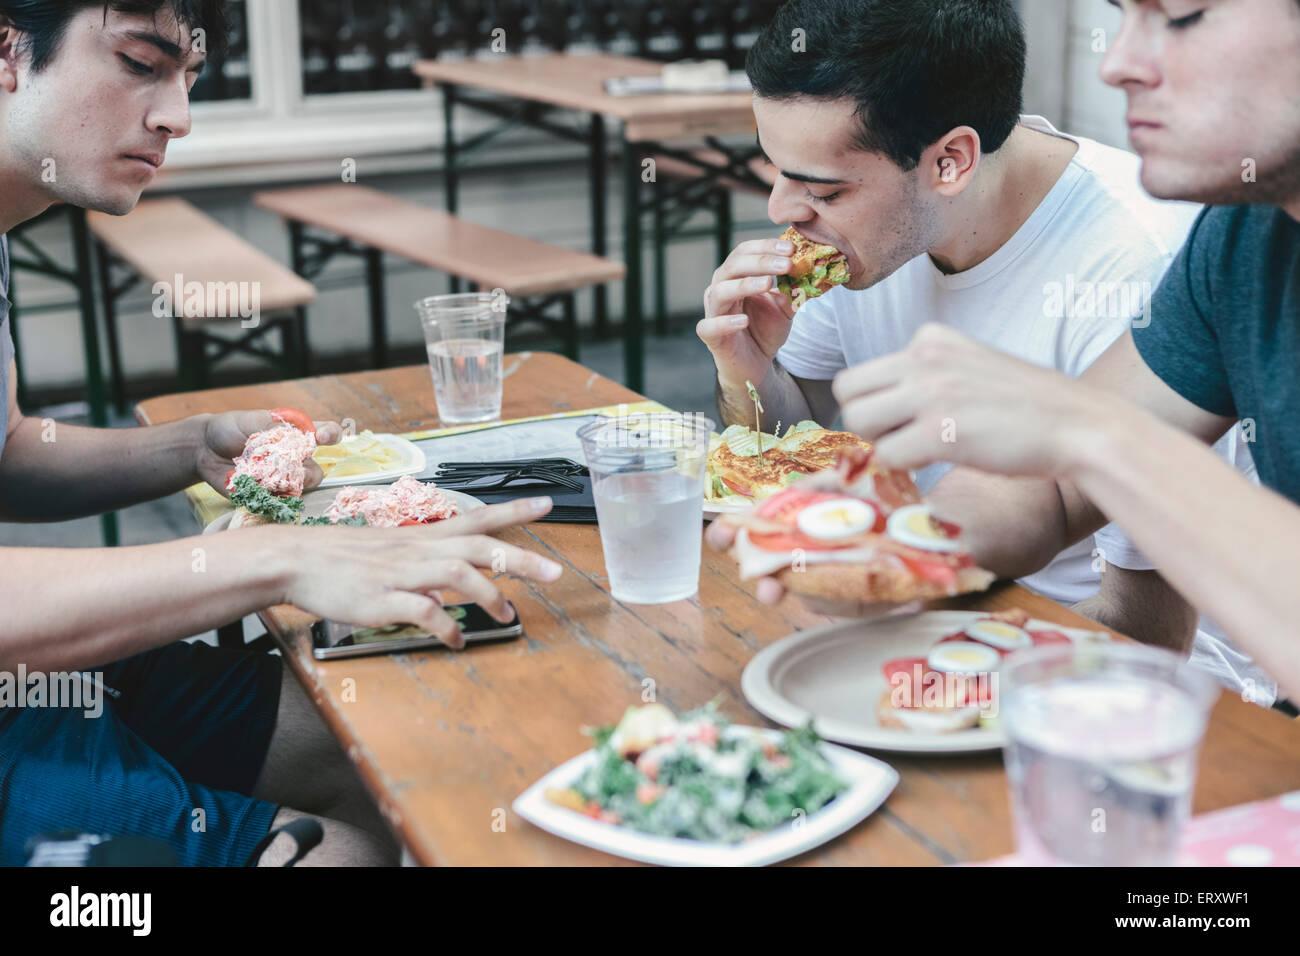 Avoir des amis dans les repas en plein air dans le quartier financier de New York Photo Stock